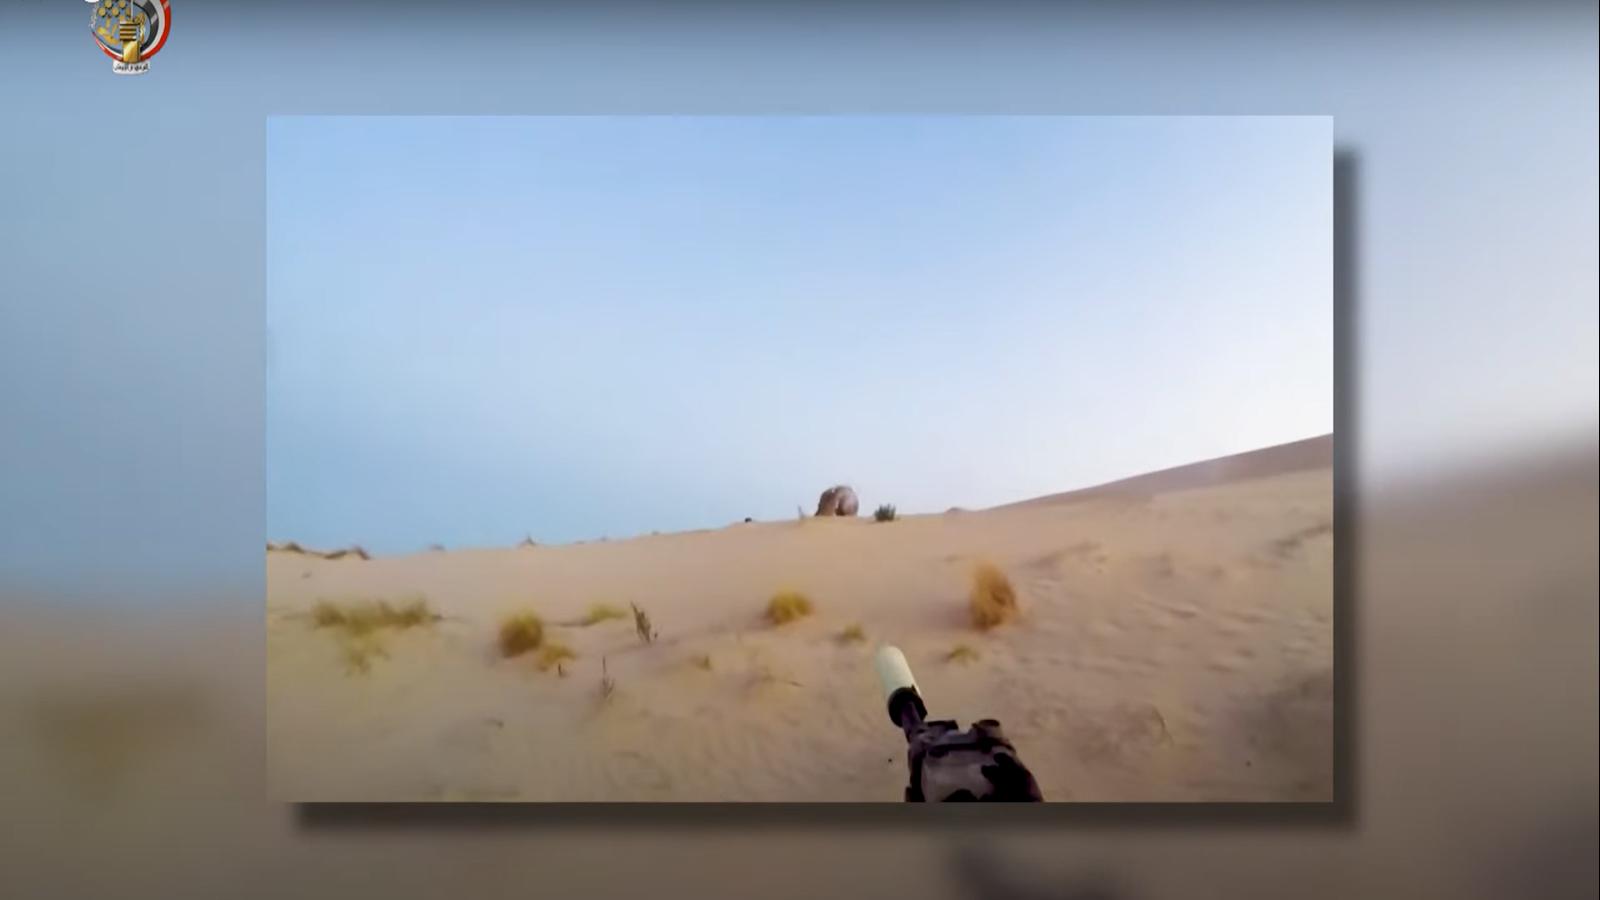 القوات المسلحة تعلن مقتل 89 تكفيريا بشمال سيناء  (4)